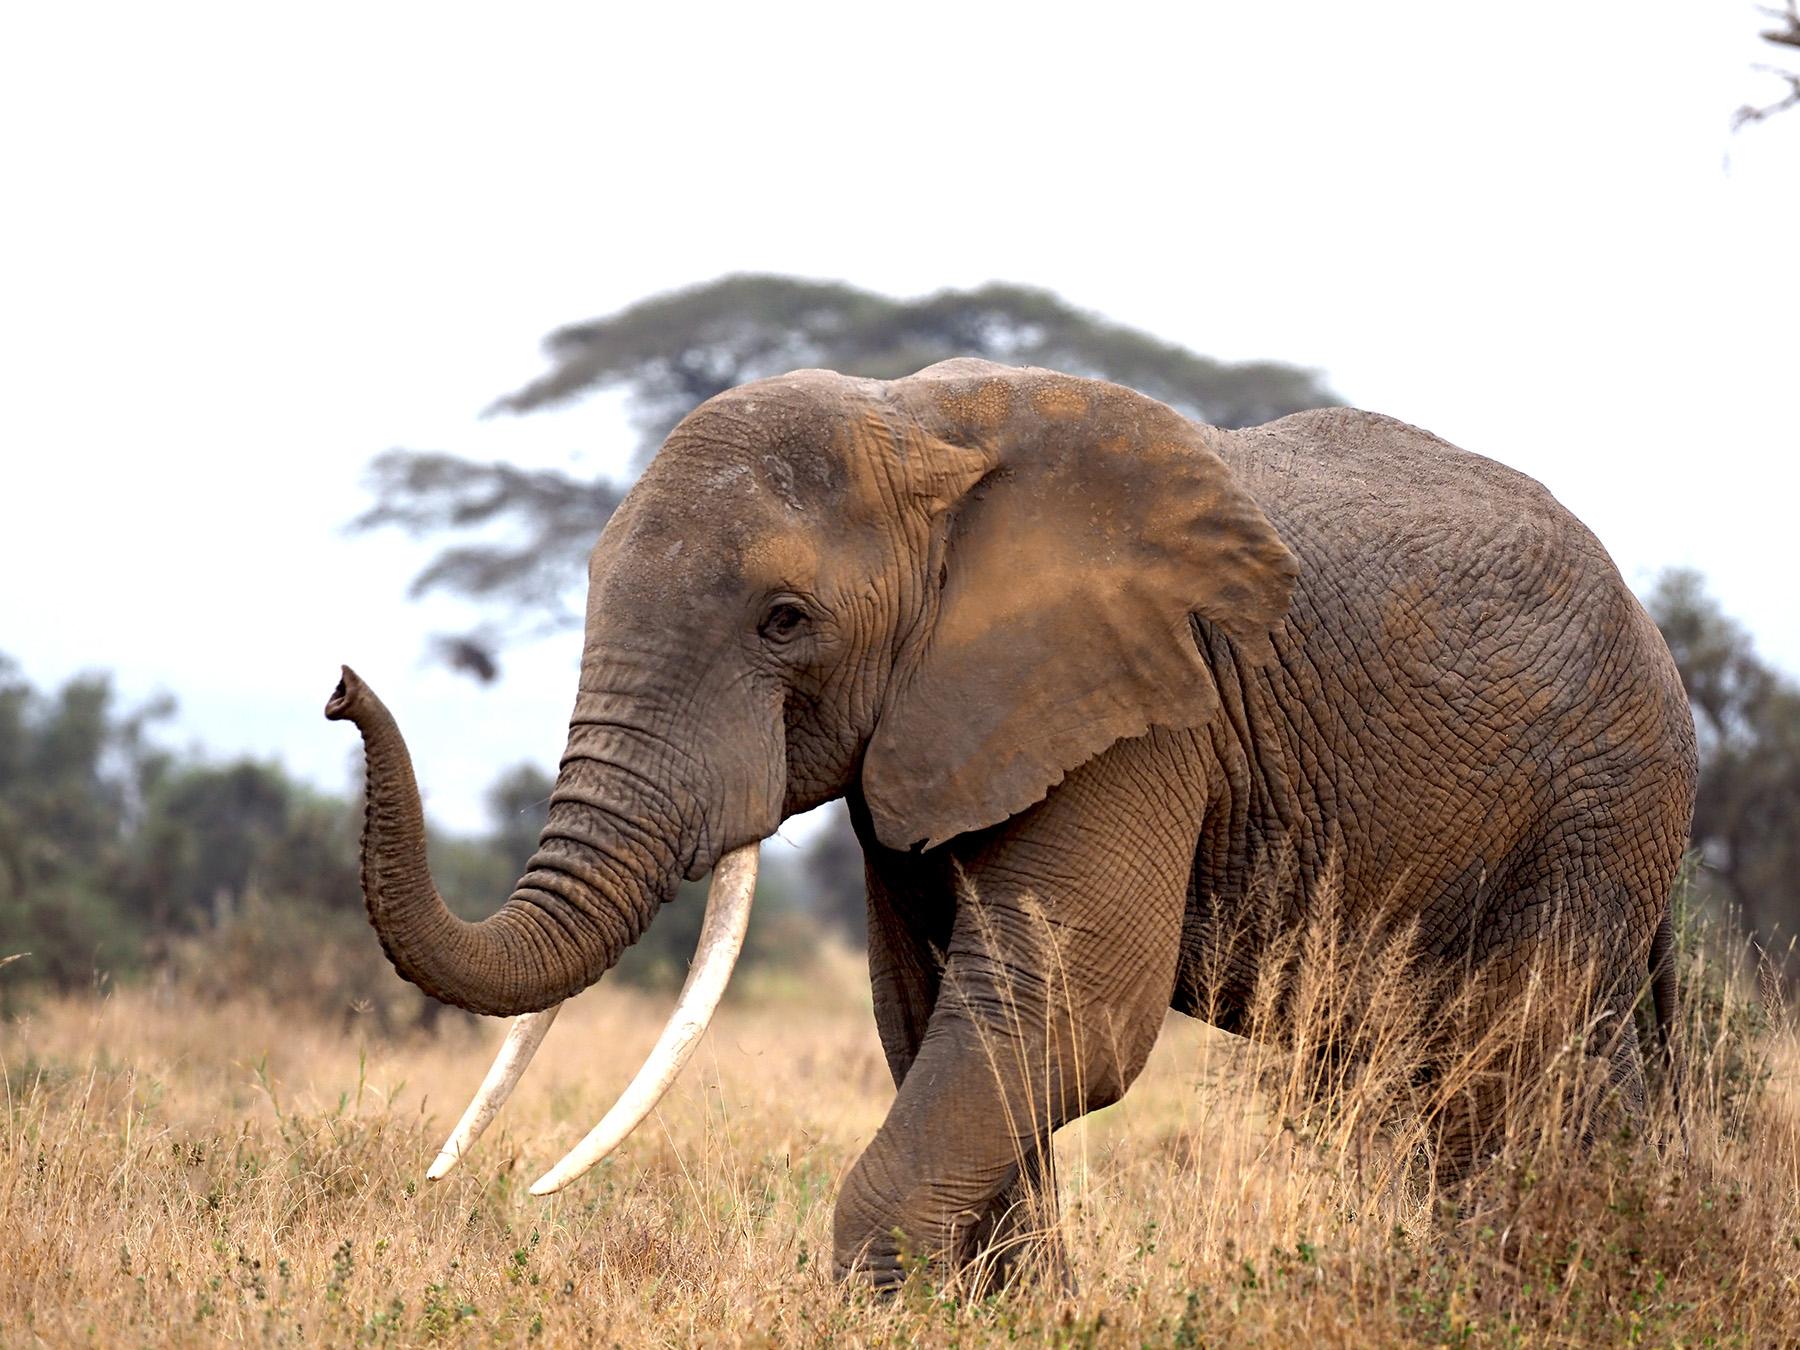 Ranjan_Ramchandani_The gentle giant of Amboseli.jpg